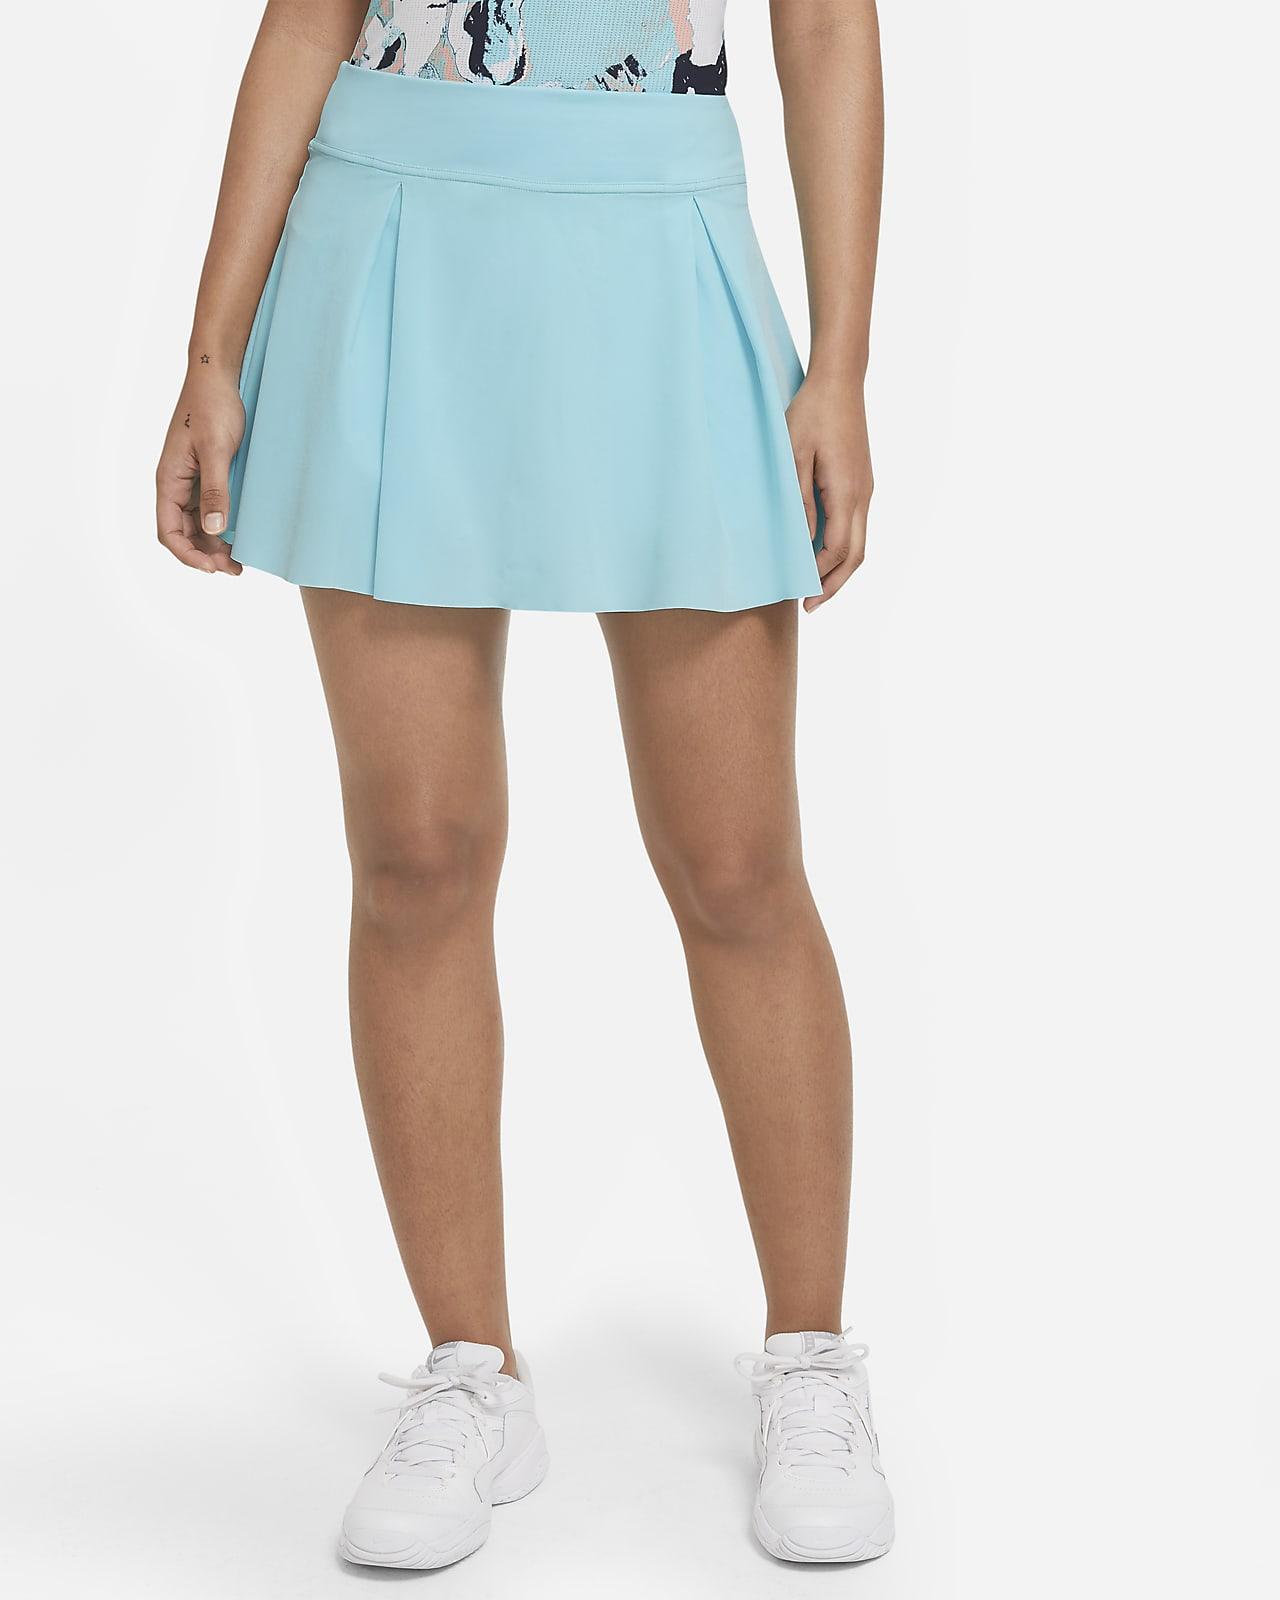 Gonna corta da tennis Nike Club Skirt - Donna